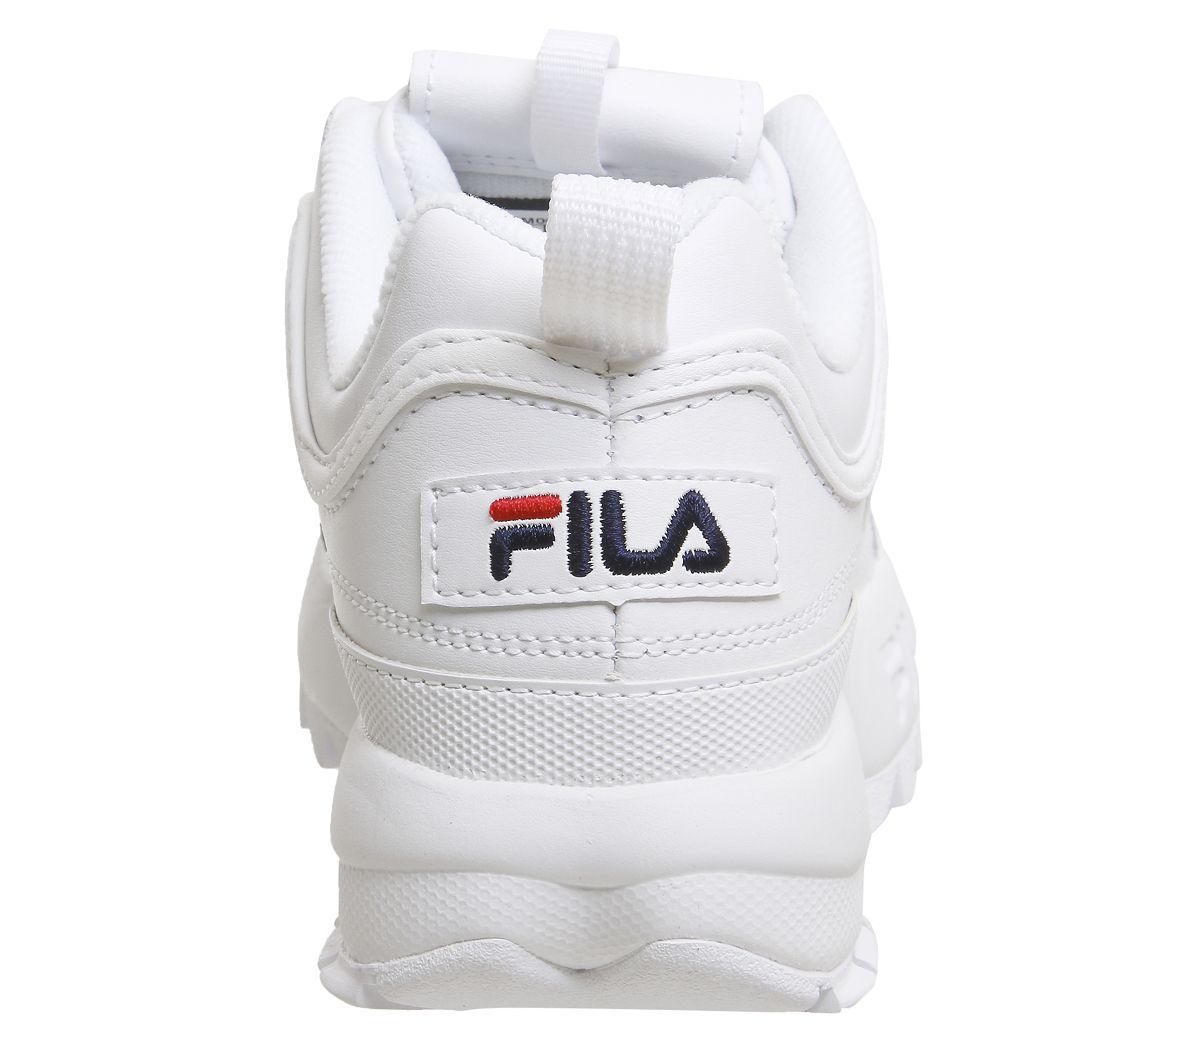 Donna-Fila-Disruptor-II-Scarpe-da-Ginnastica-Bianche-Scarpe-Sportive-in-Pelle miniatura 8